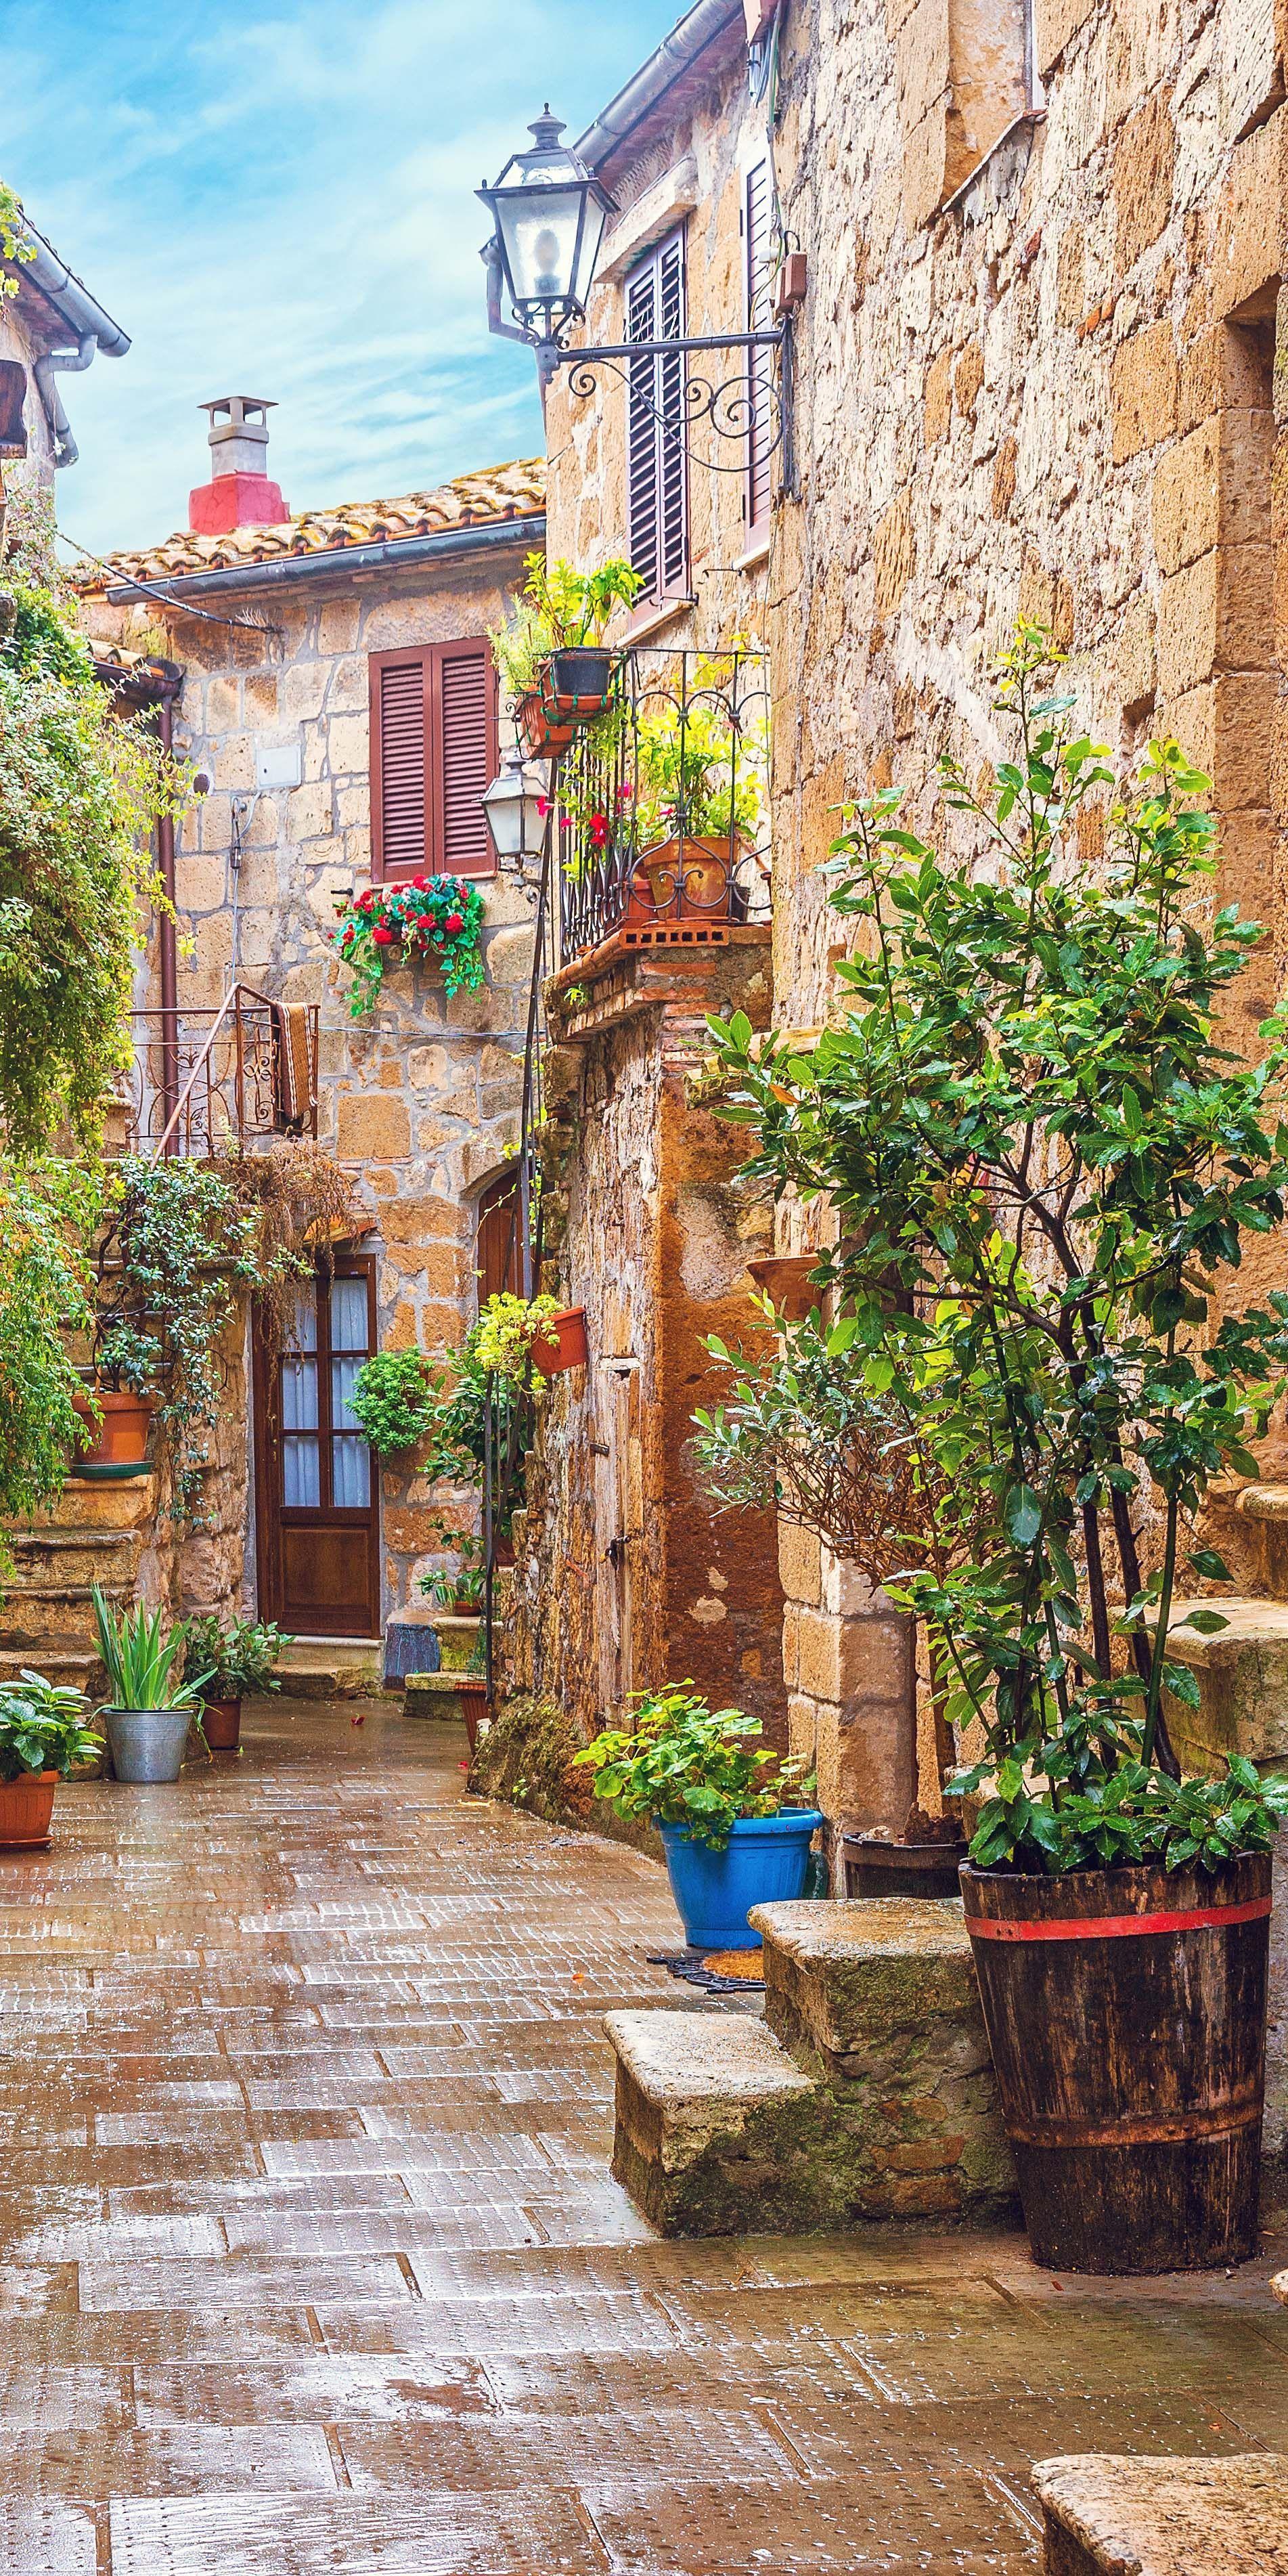 Tuscany, Italy | Italia | Pinterest | Tuscany italy, Tuscany and Italy